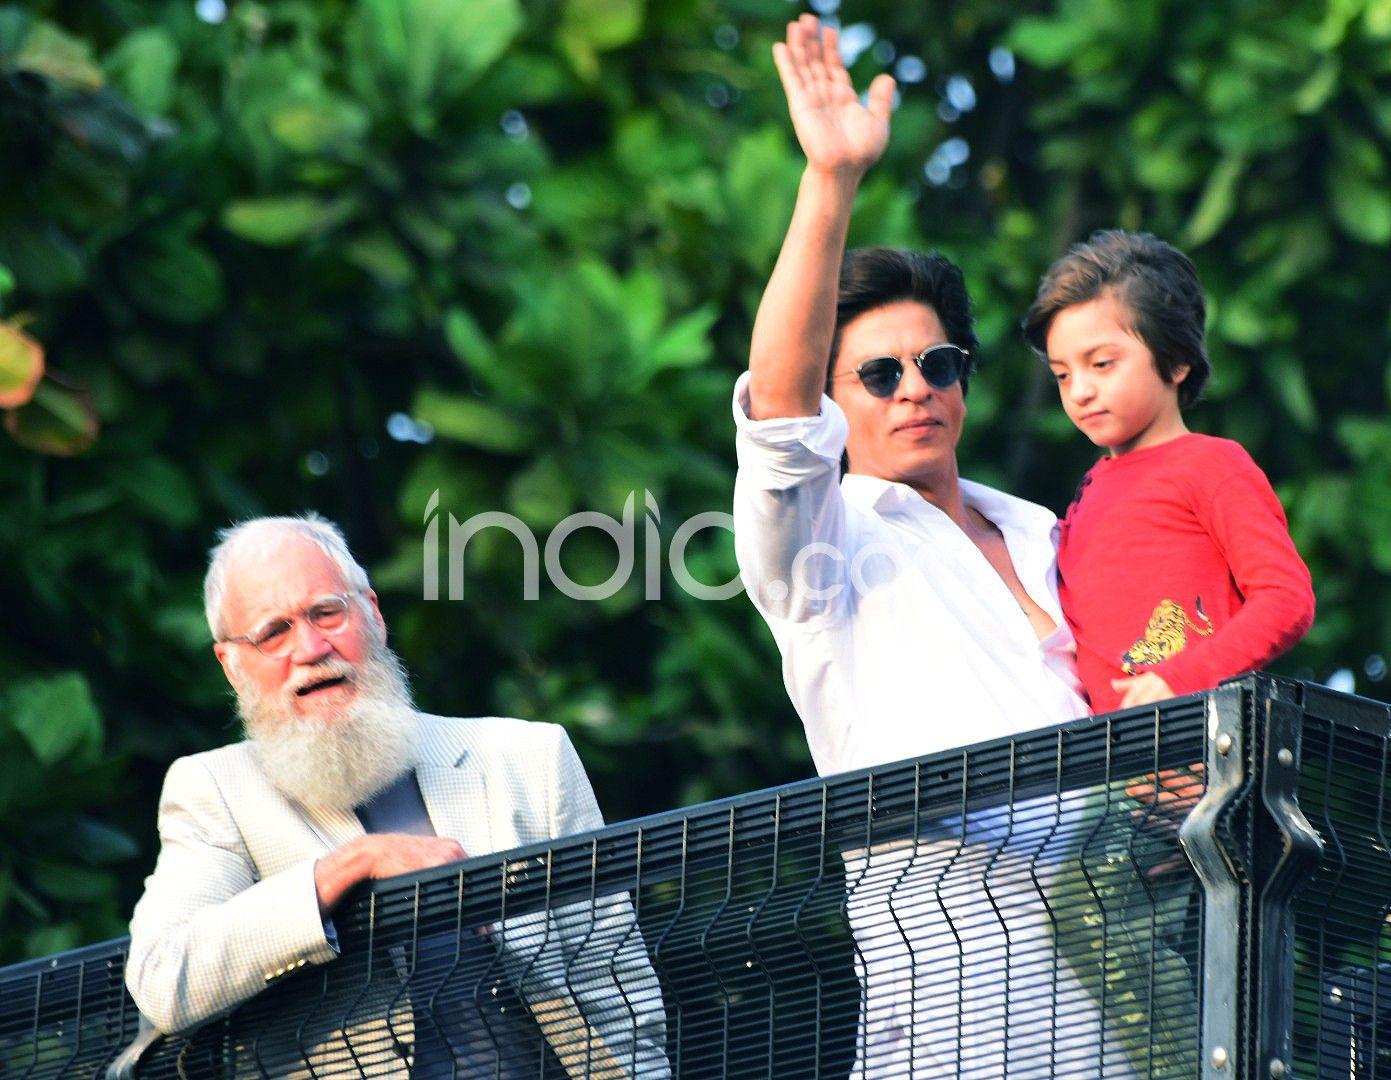 Shah Rukh Khan, AbRam Khan, David Letterman